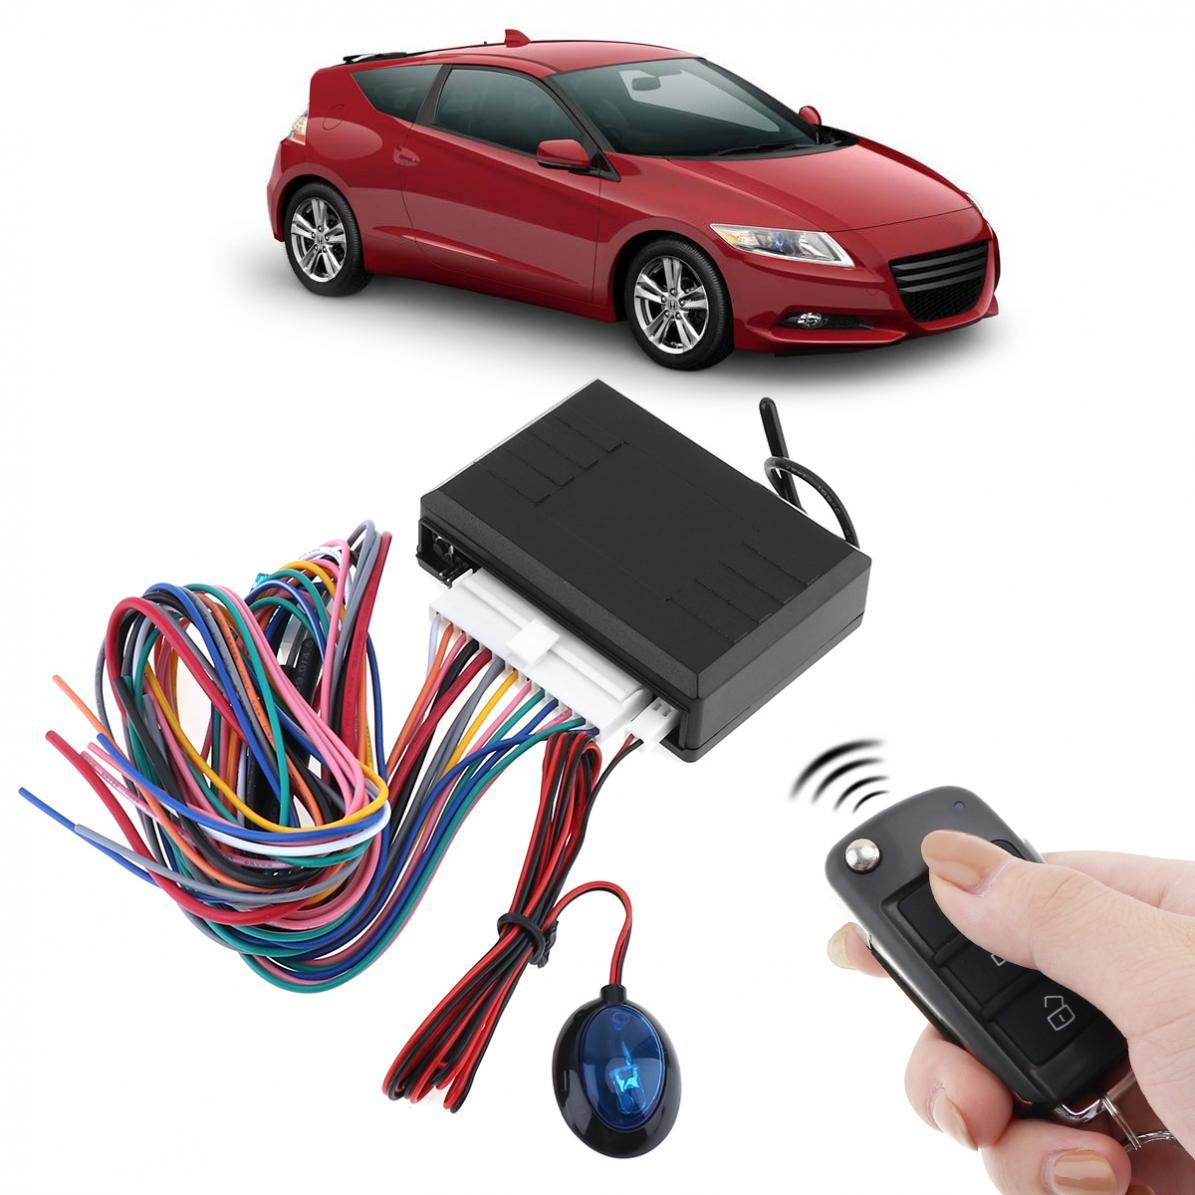 Système d'alarme automatique de voiture 12 V indicateur LED système d'entrée sans clé de véhicule avec télécommande et serrure de porte automatiquement